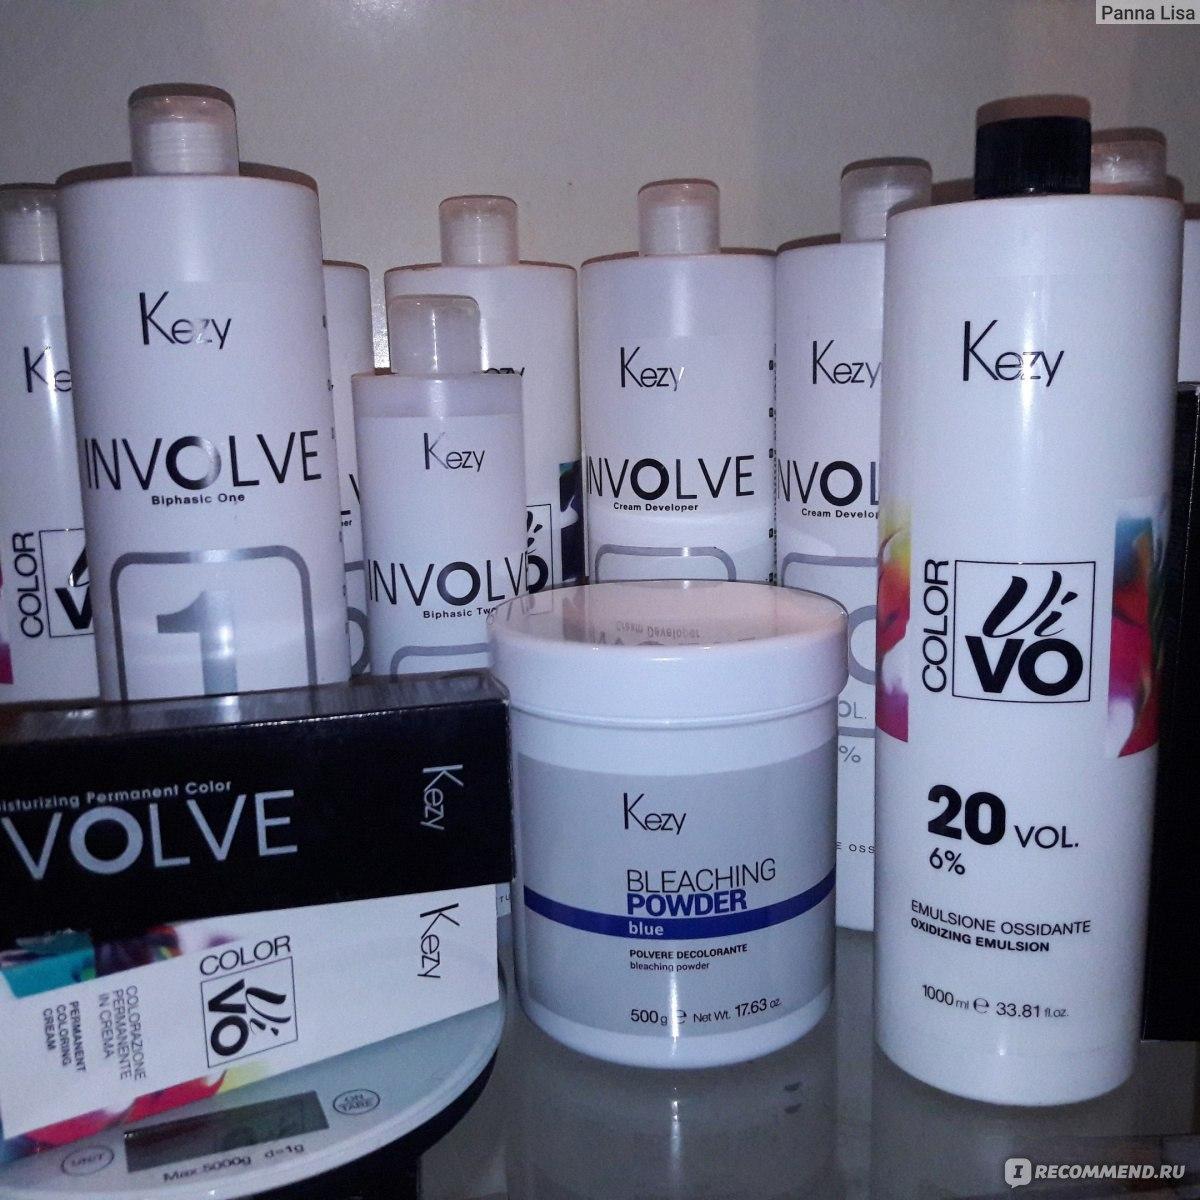 Kezy косметика для волос купить в спб эйвон каталог одежды